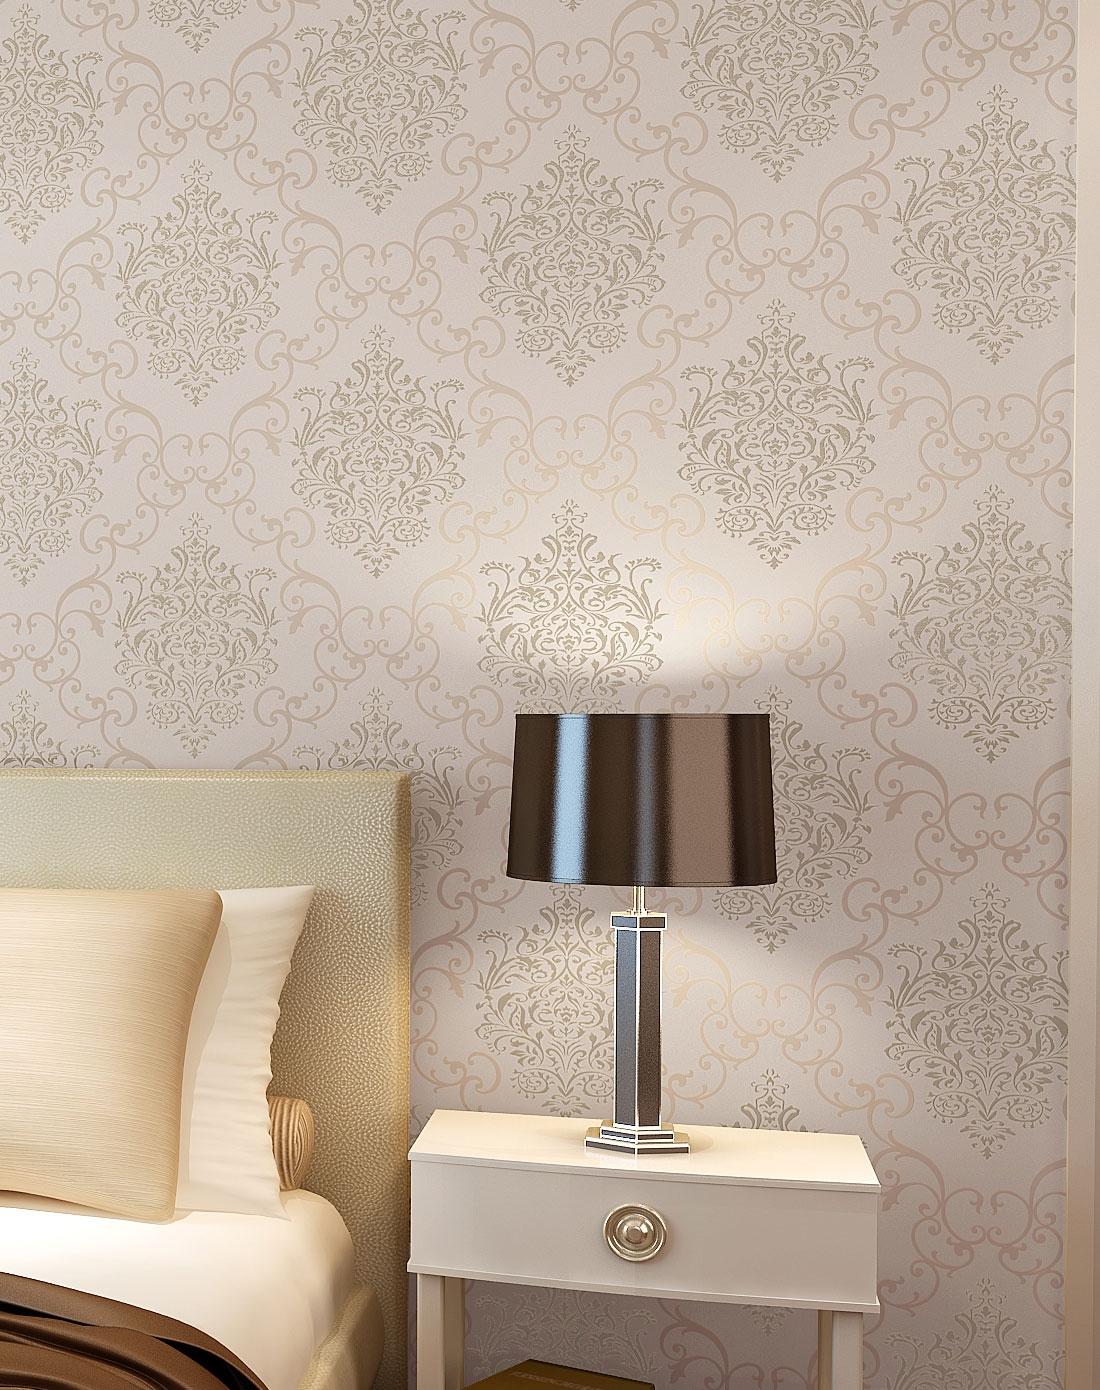 欧式无纺布经典大马士革客厅卧室背景墙壁纸